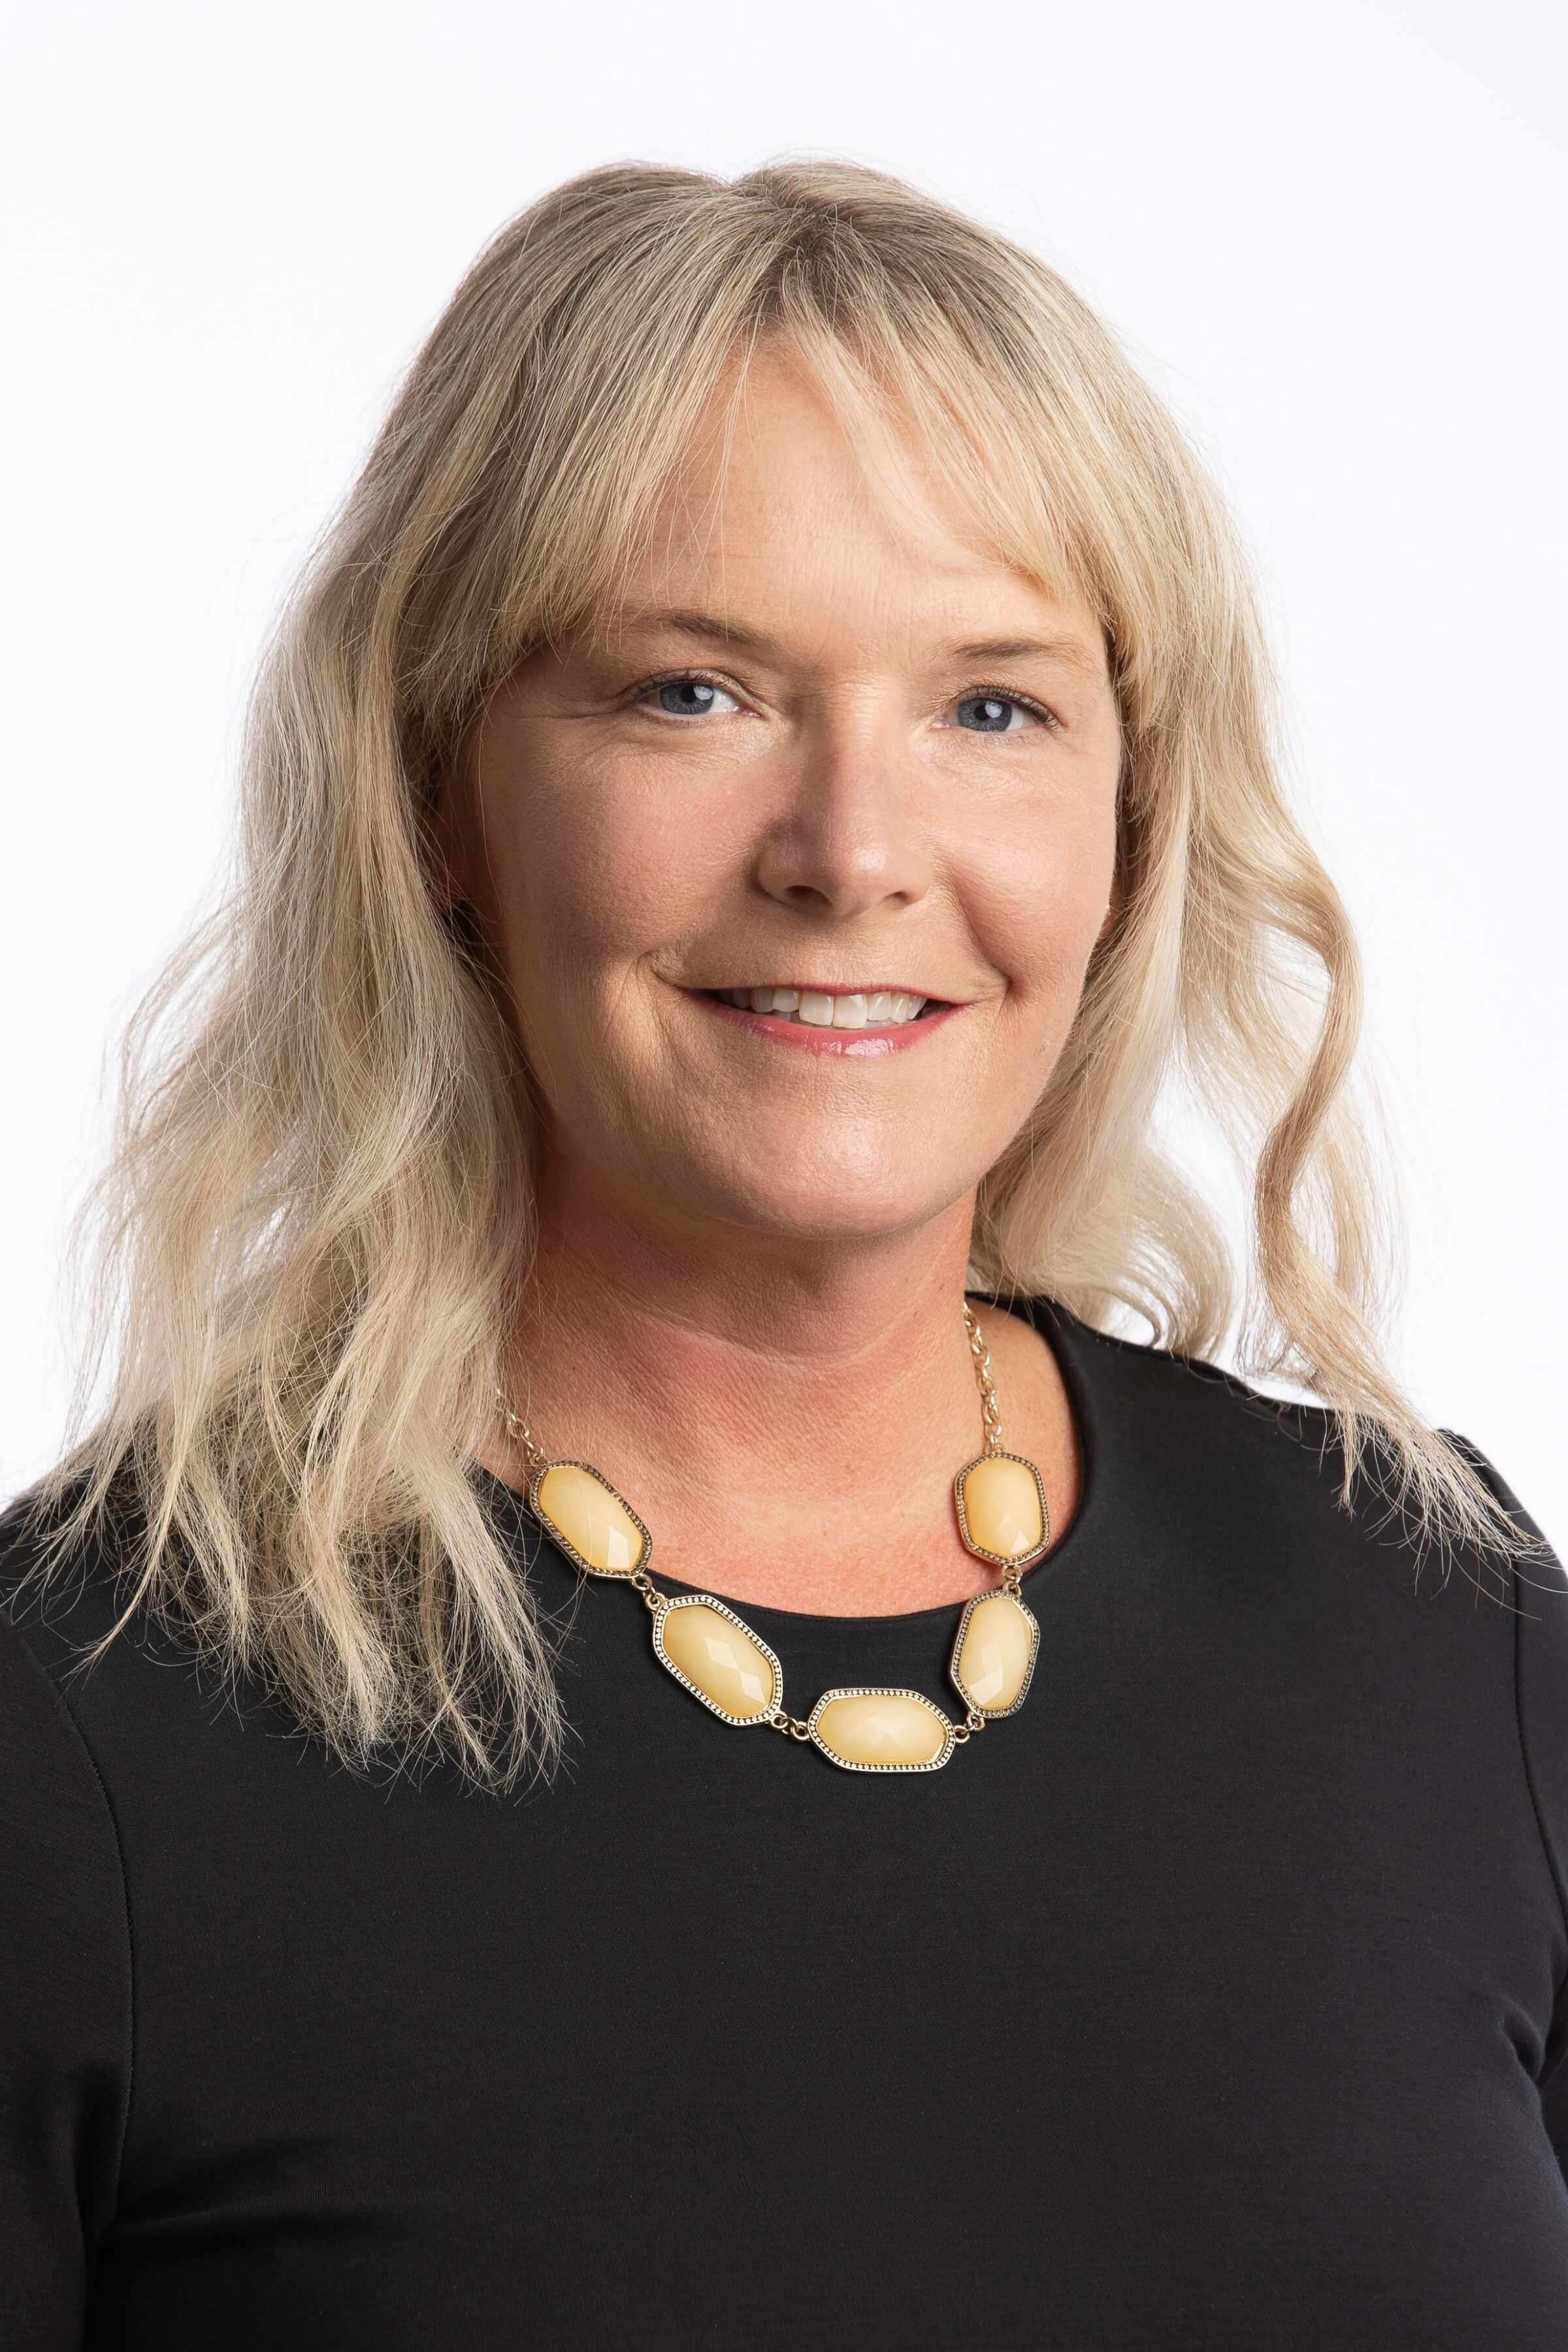 Nicole Kustermann